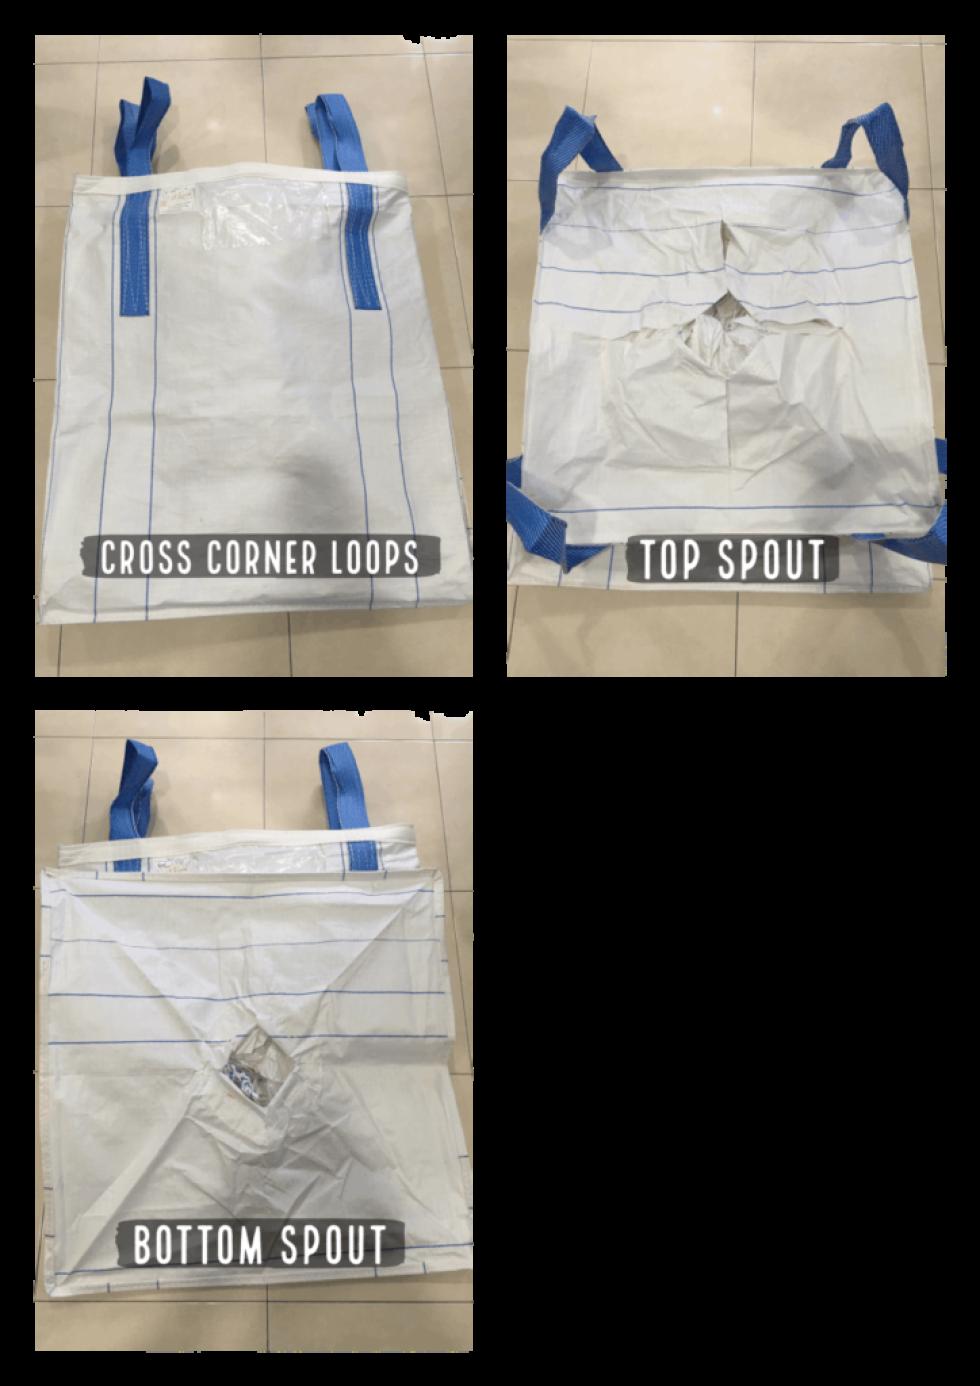 PP WOVEN JUMBO BAG #2.4.1